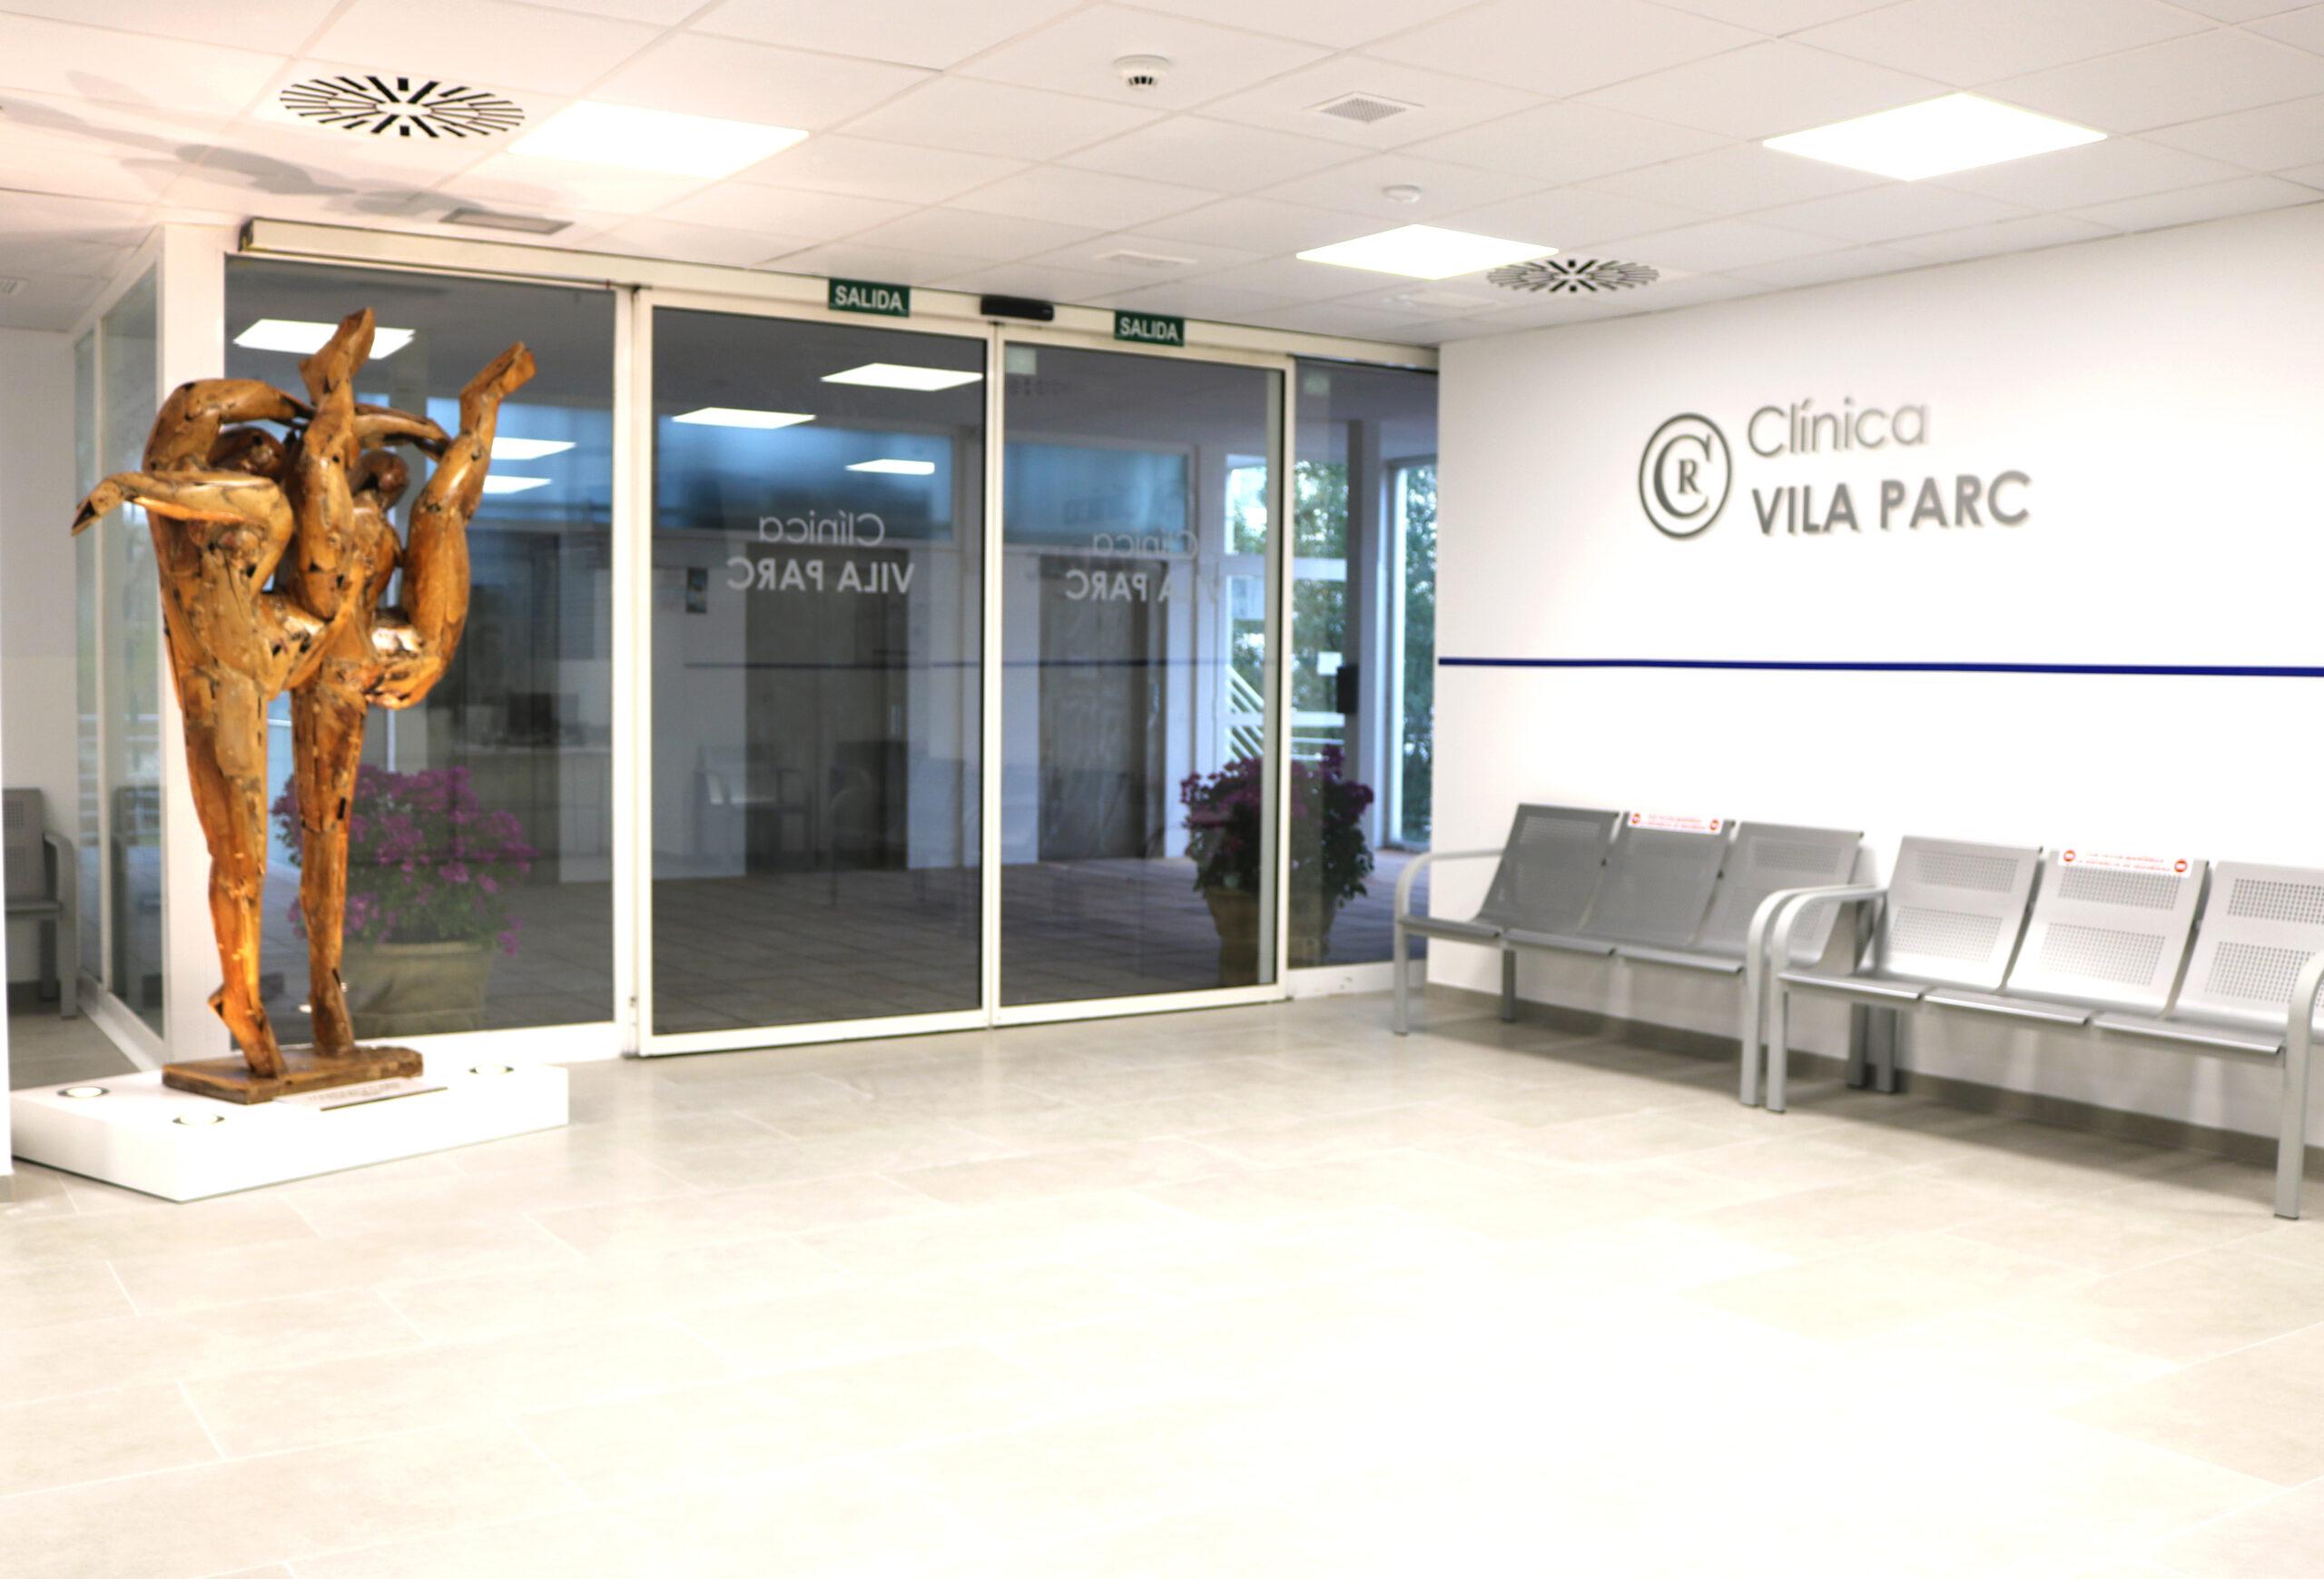 RECEPCIÓN clínica Villa Parc Ibiza